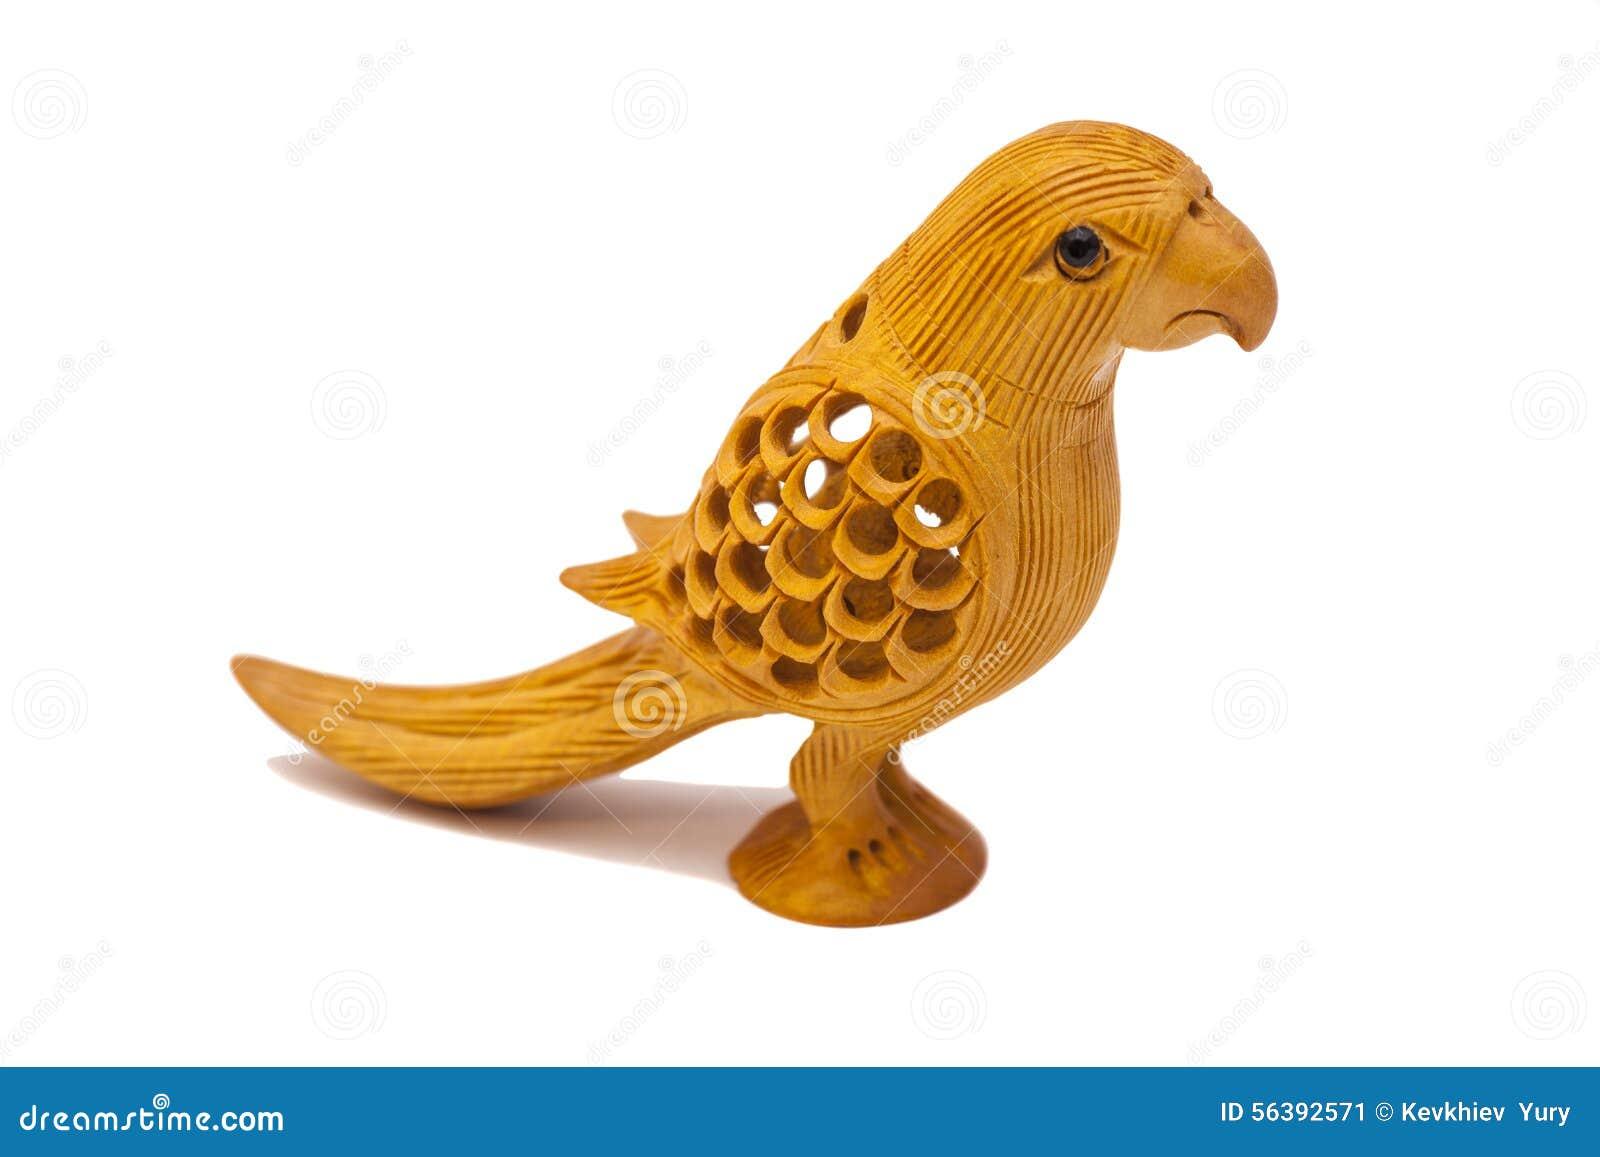 Escultura Decorativa De Madera Del Pajaro Imagen De Archivo Imagen - Escultura-decorativa